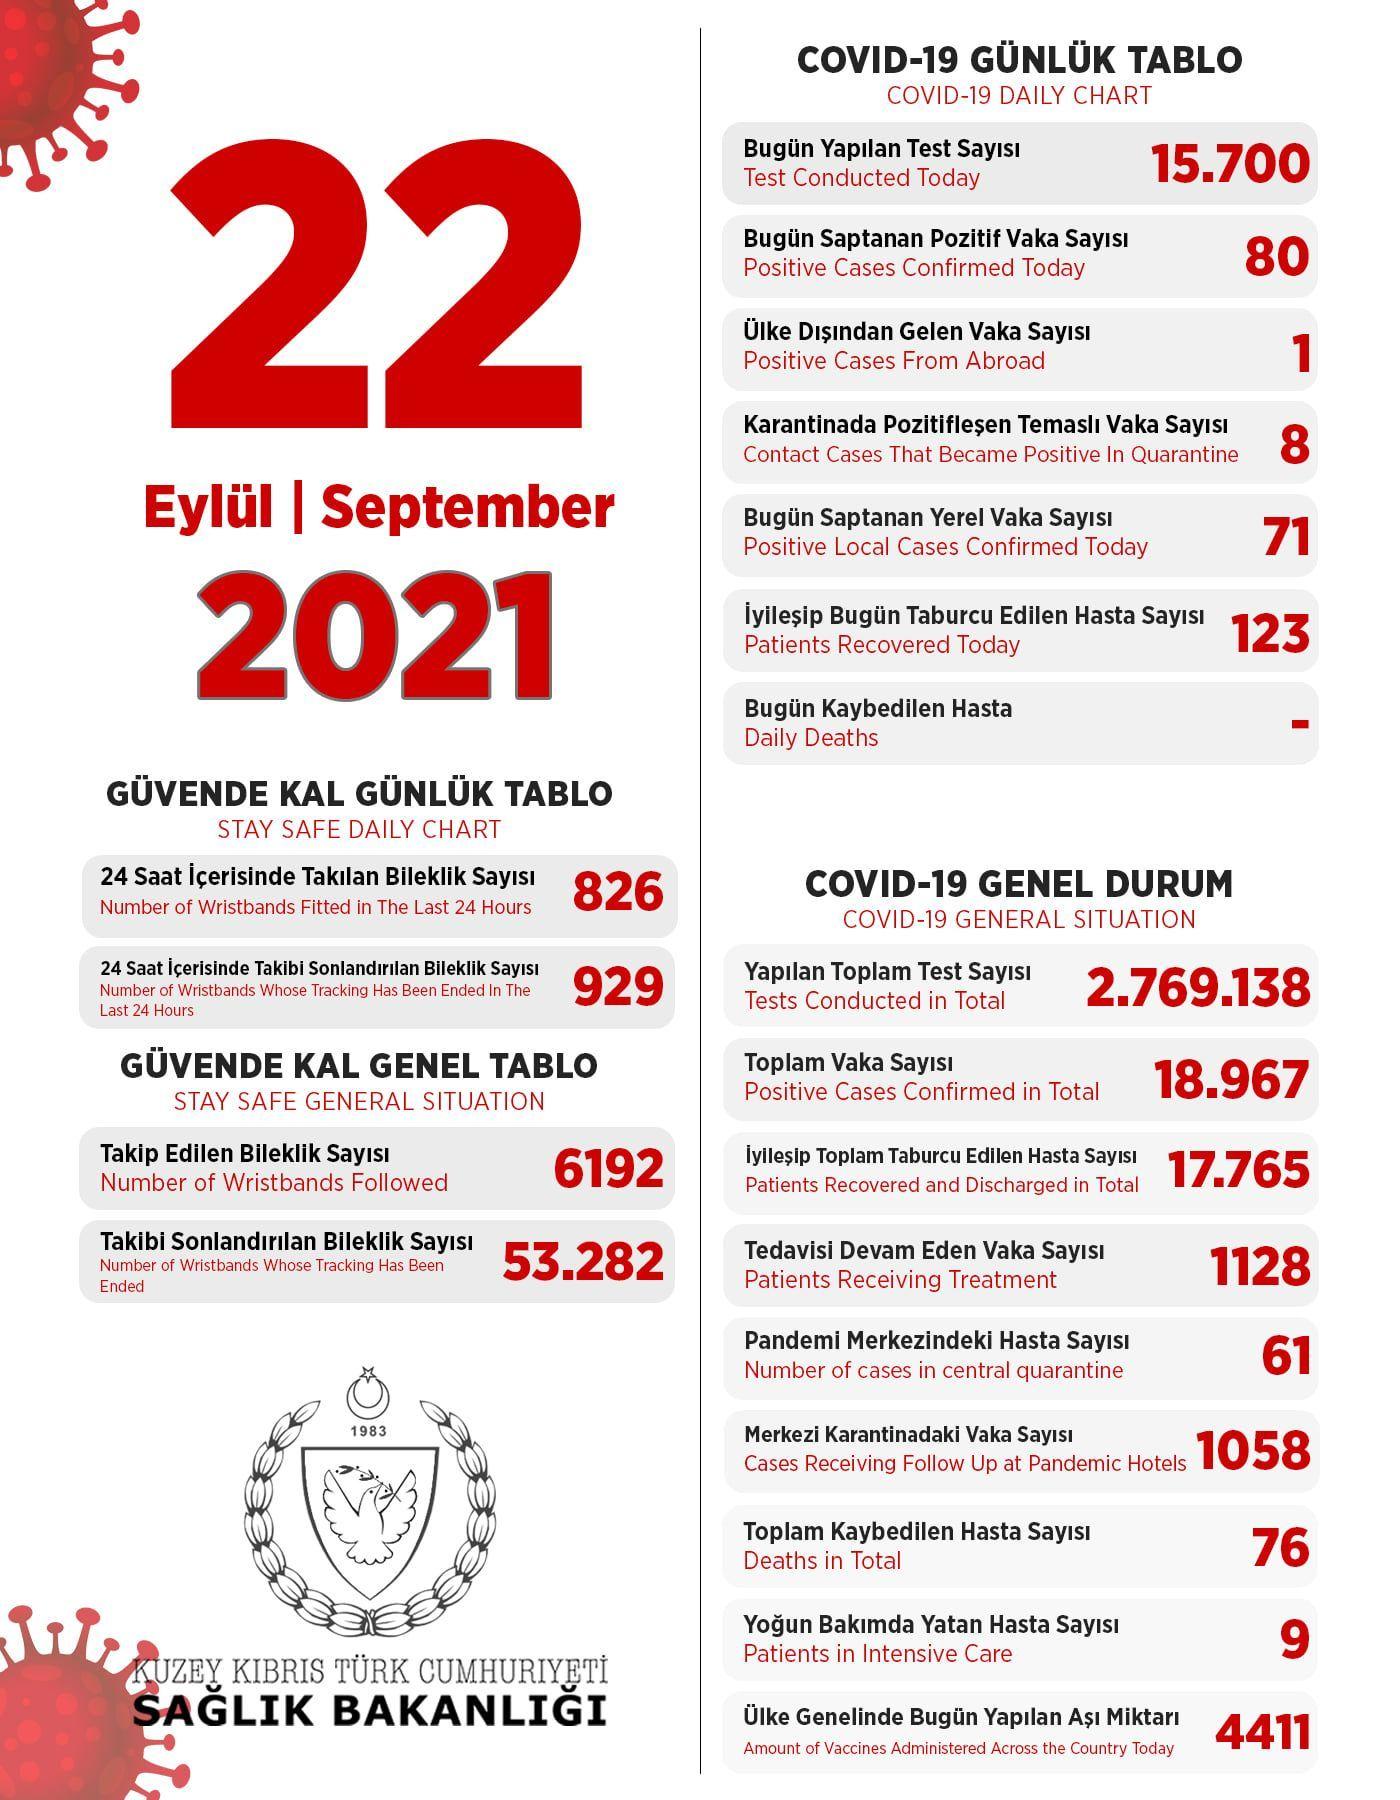 22 сентября 2021 в ТРСК 80 инфицированных, 123 выписаны